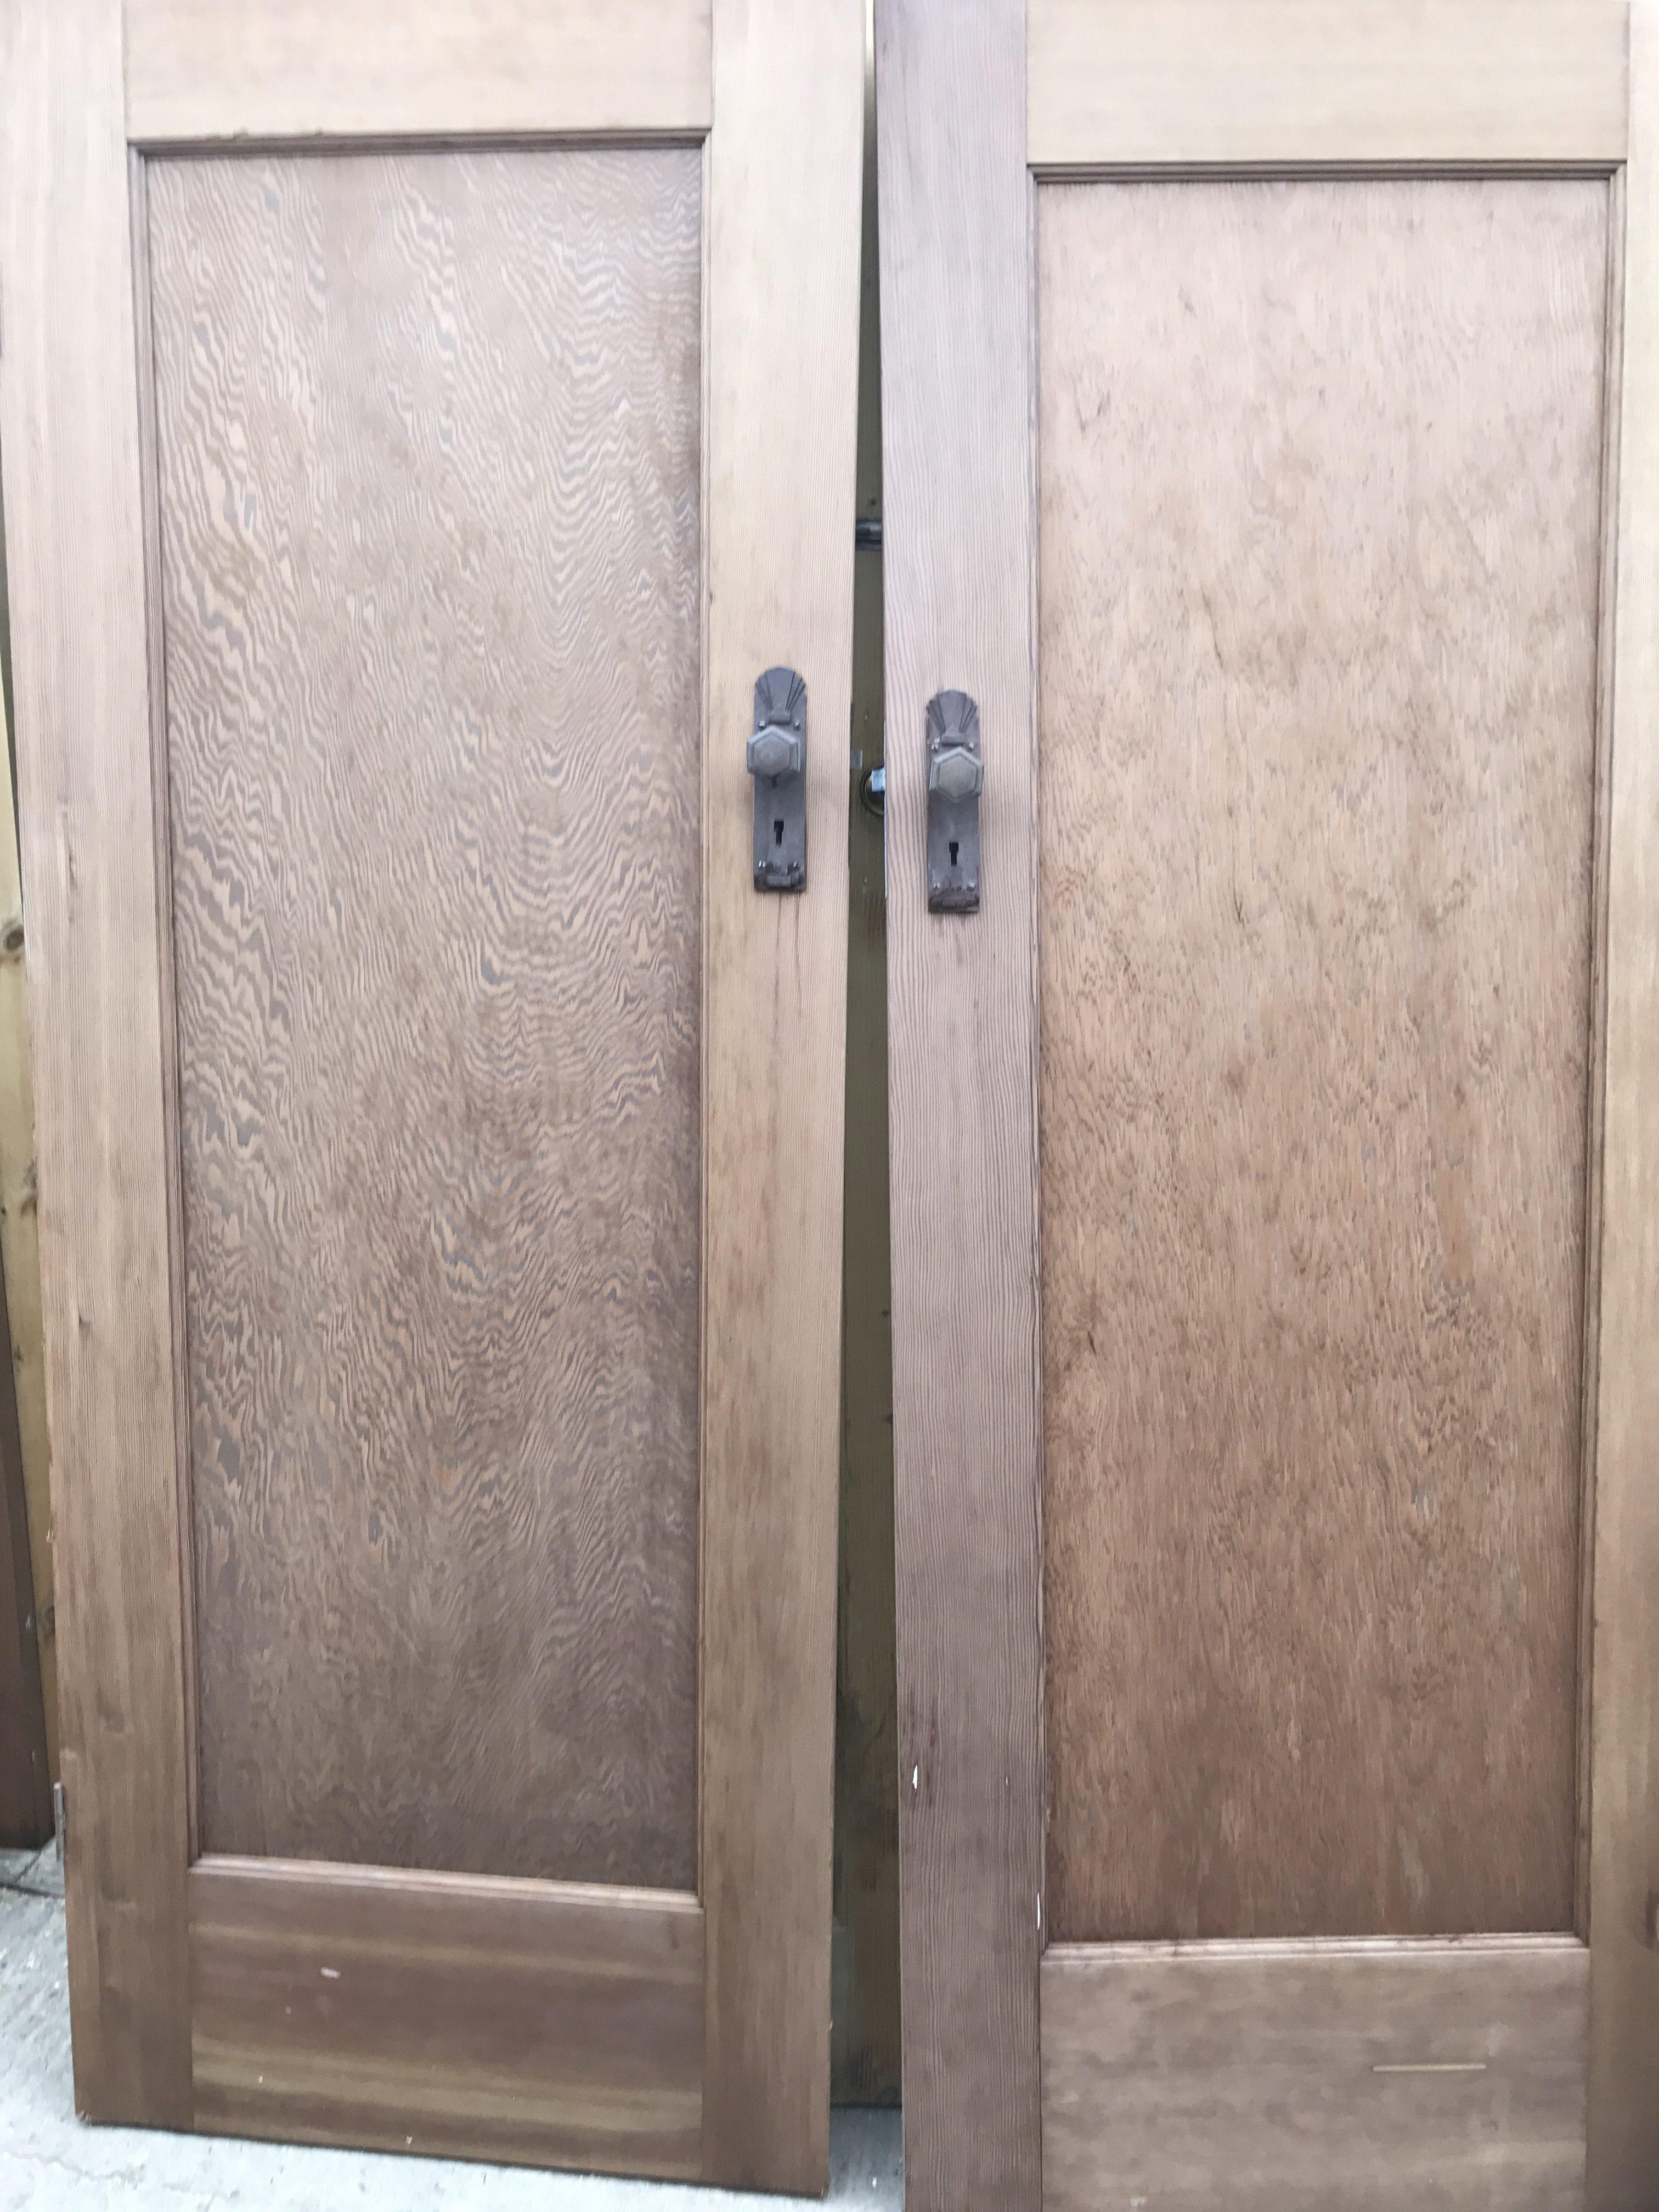 & 1920\u0027s Internal doors stripped - Manchester Paint Stripping